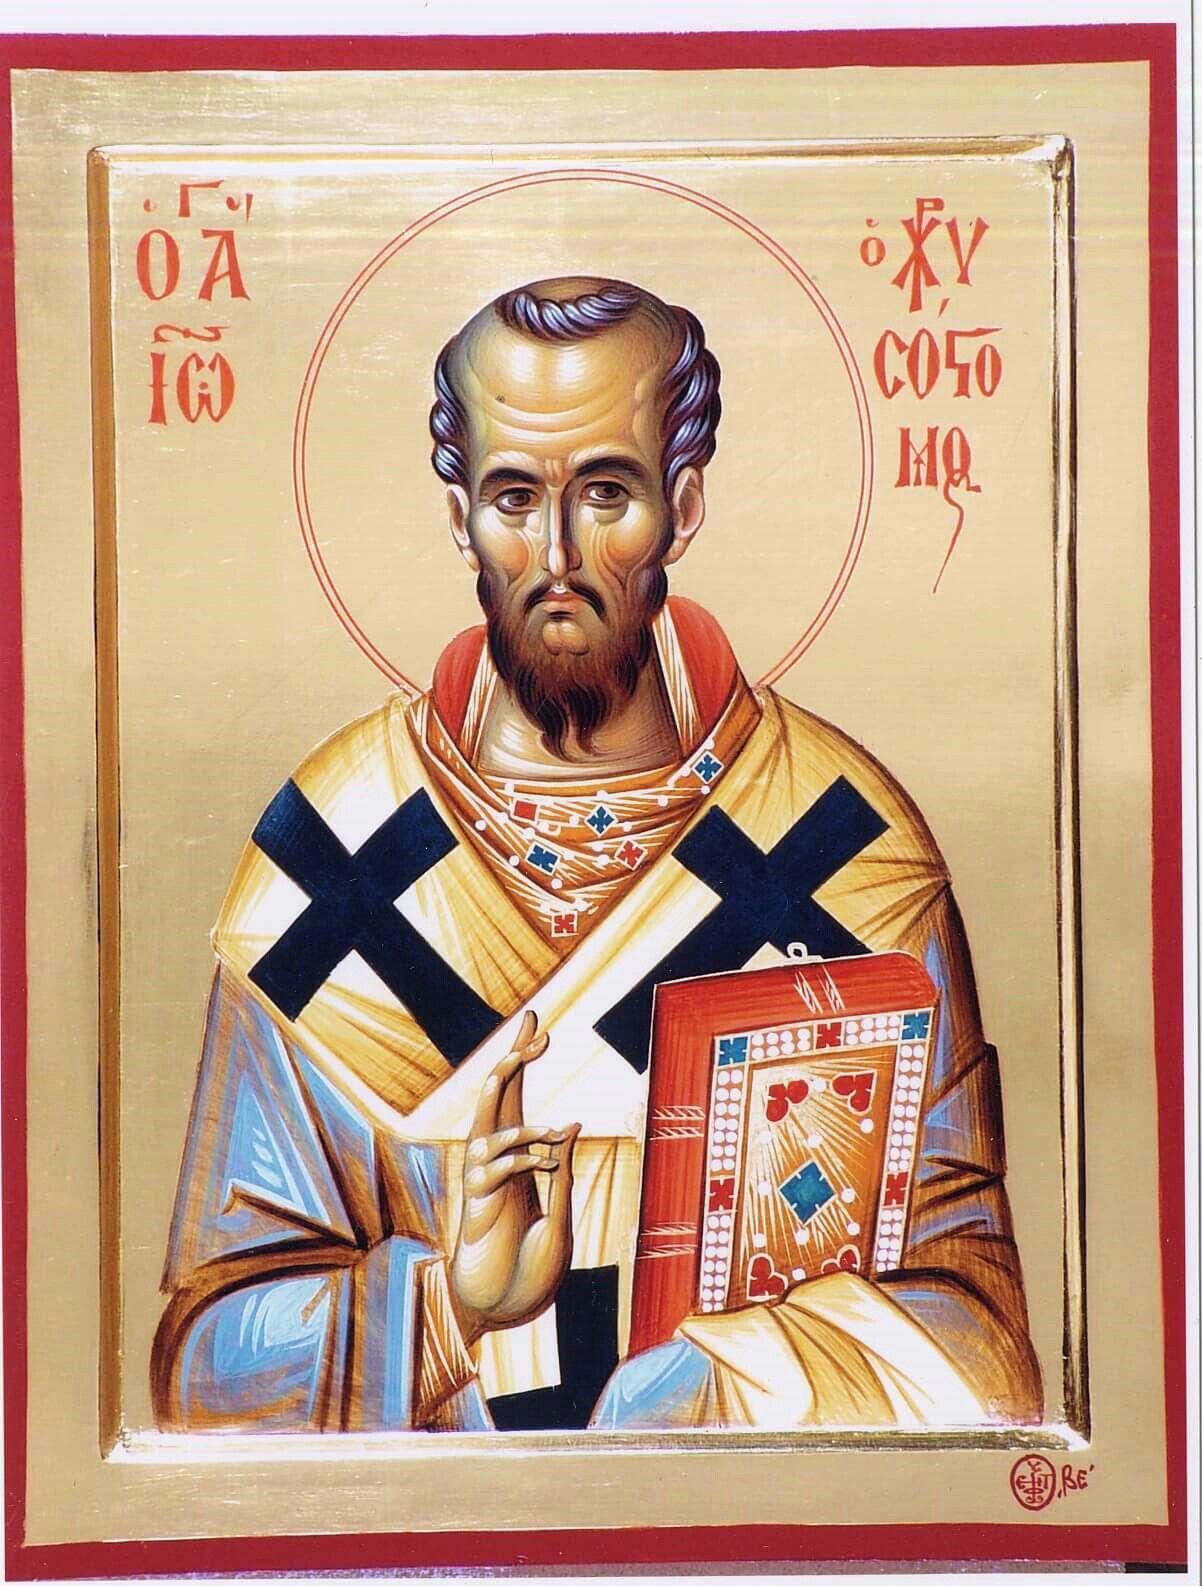 Άγιος Ιωάννης Χρυσόστομος / Saint John Chrysostom | Citaten, Icoon